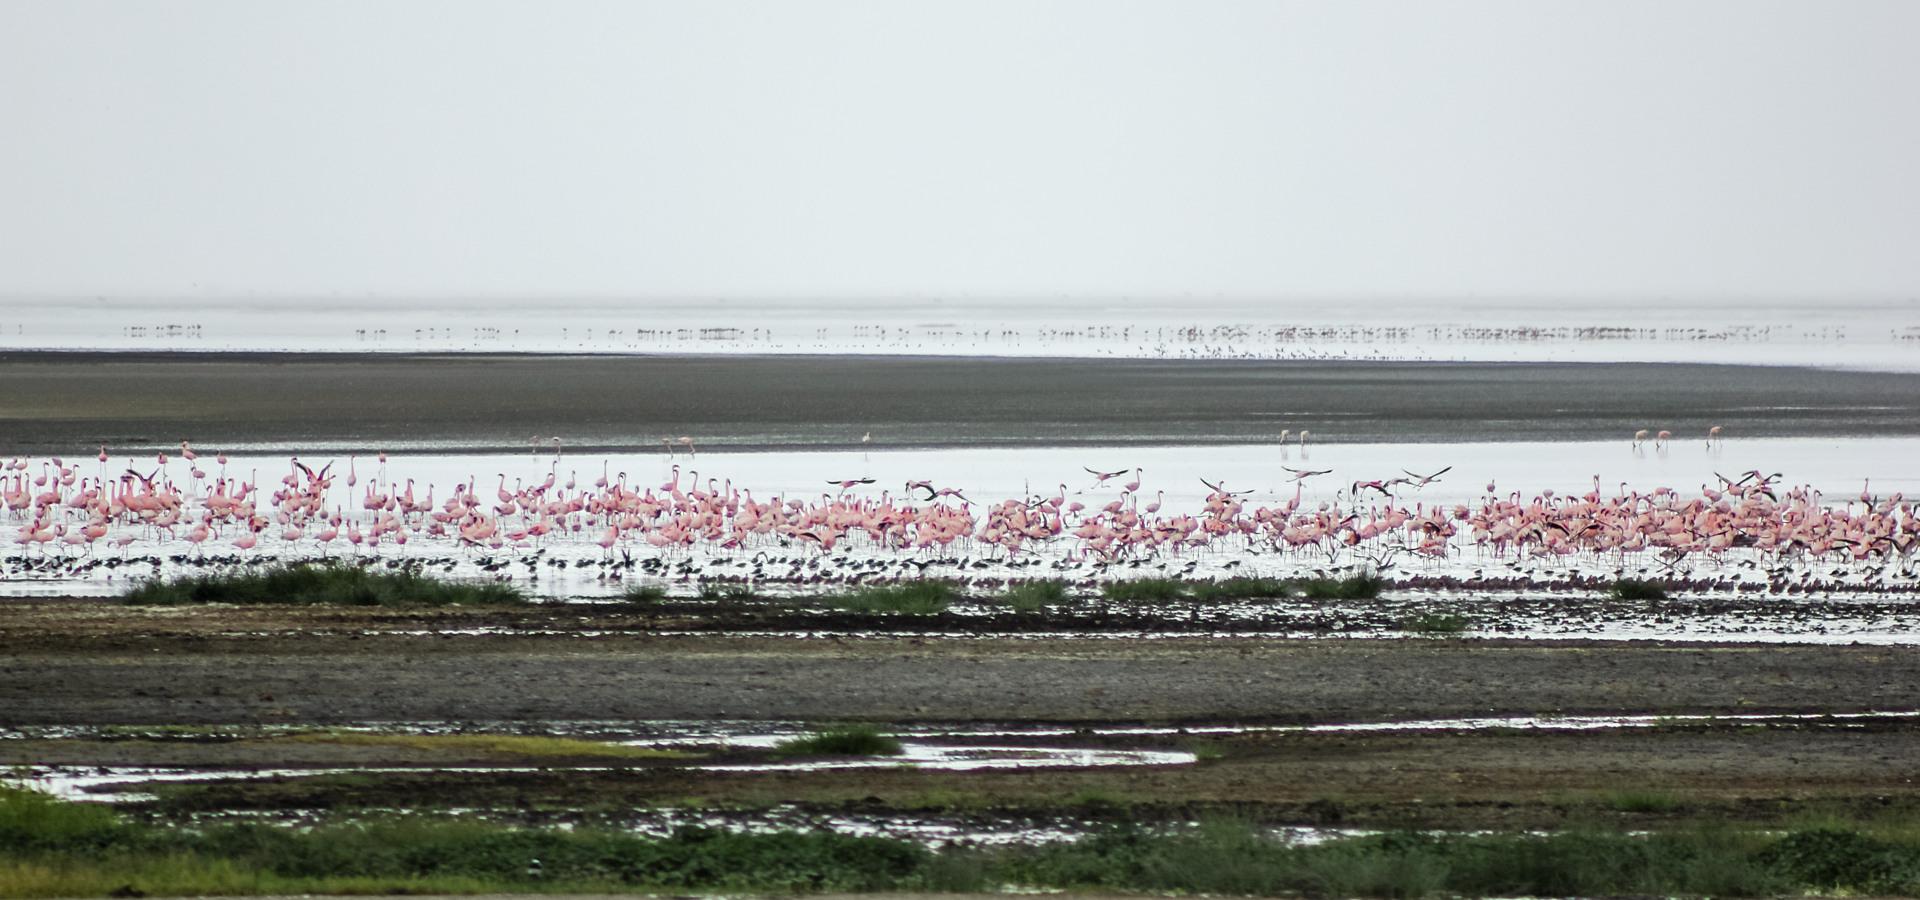 Обыкновенный, или роозовый фламиинго Greater Flamingo (Phoenicopterus roseus), Нгоронгоро